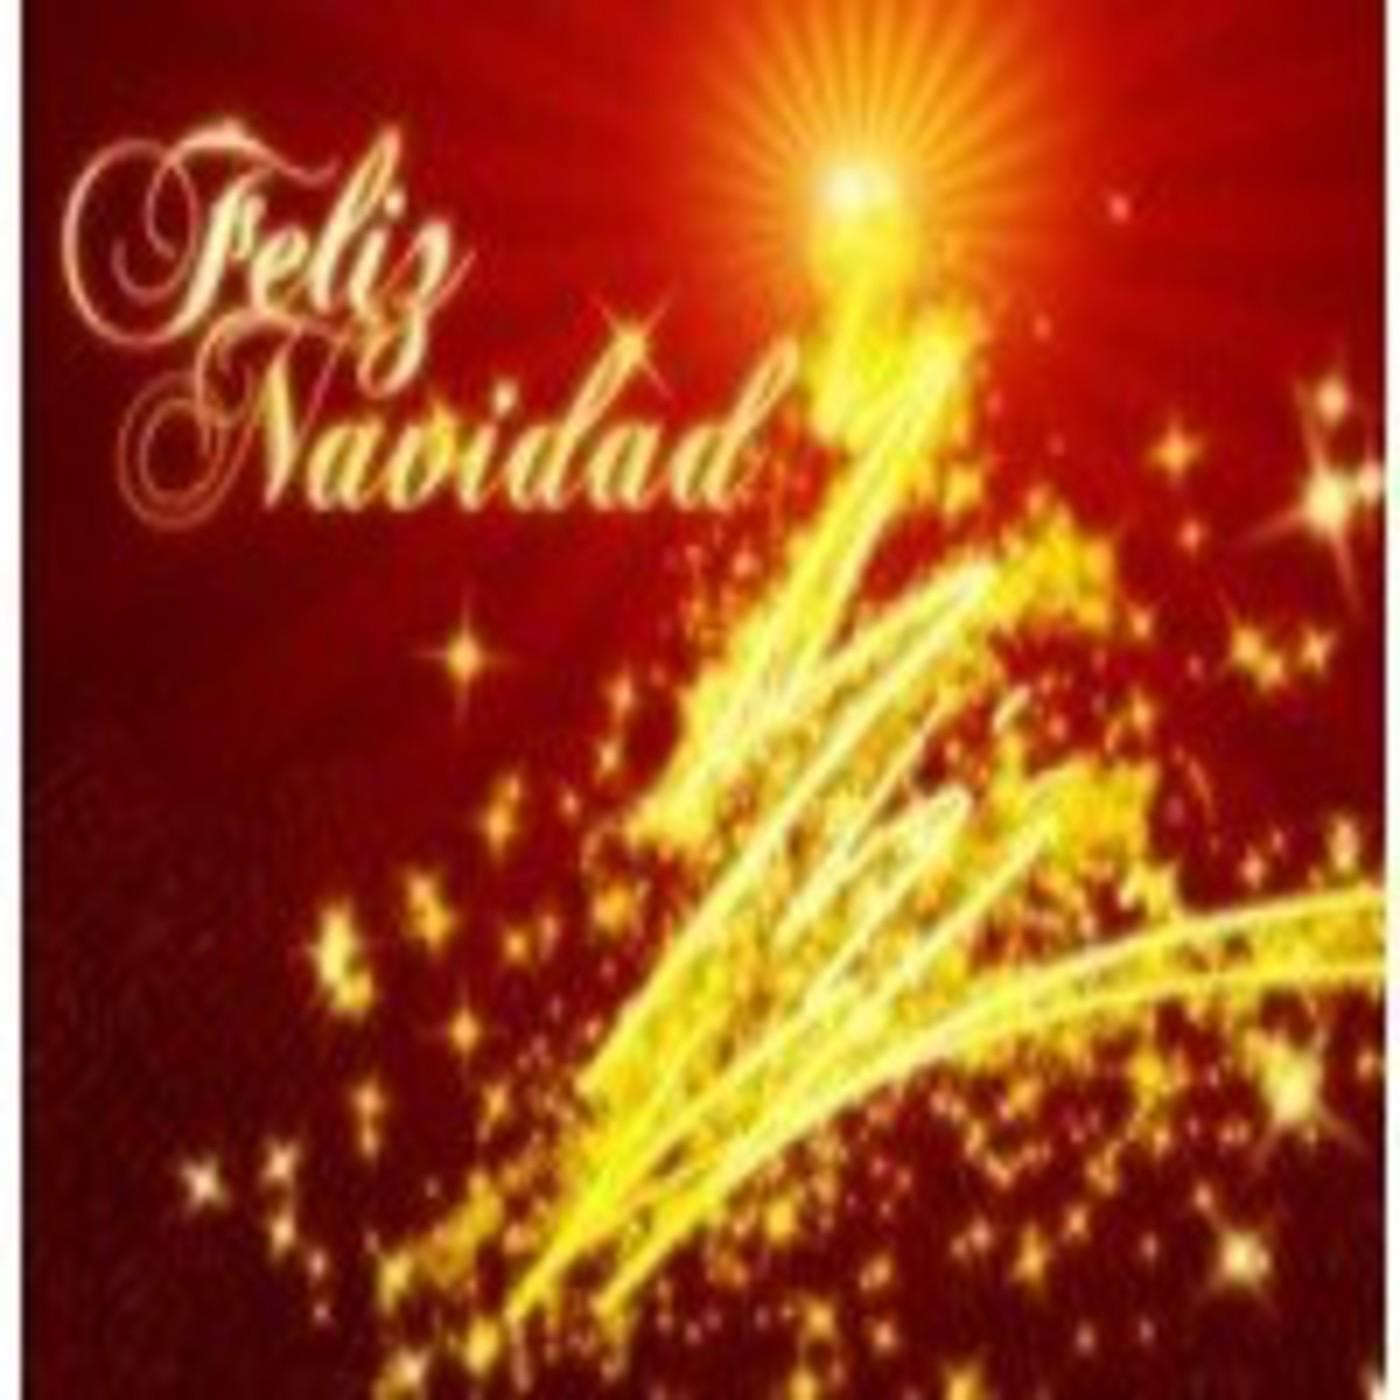 Escuchar Cancion Feliz Navidad.Los Villancicos Mas Populares En Corazon Catolico En Mp3 22